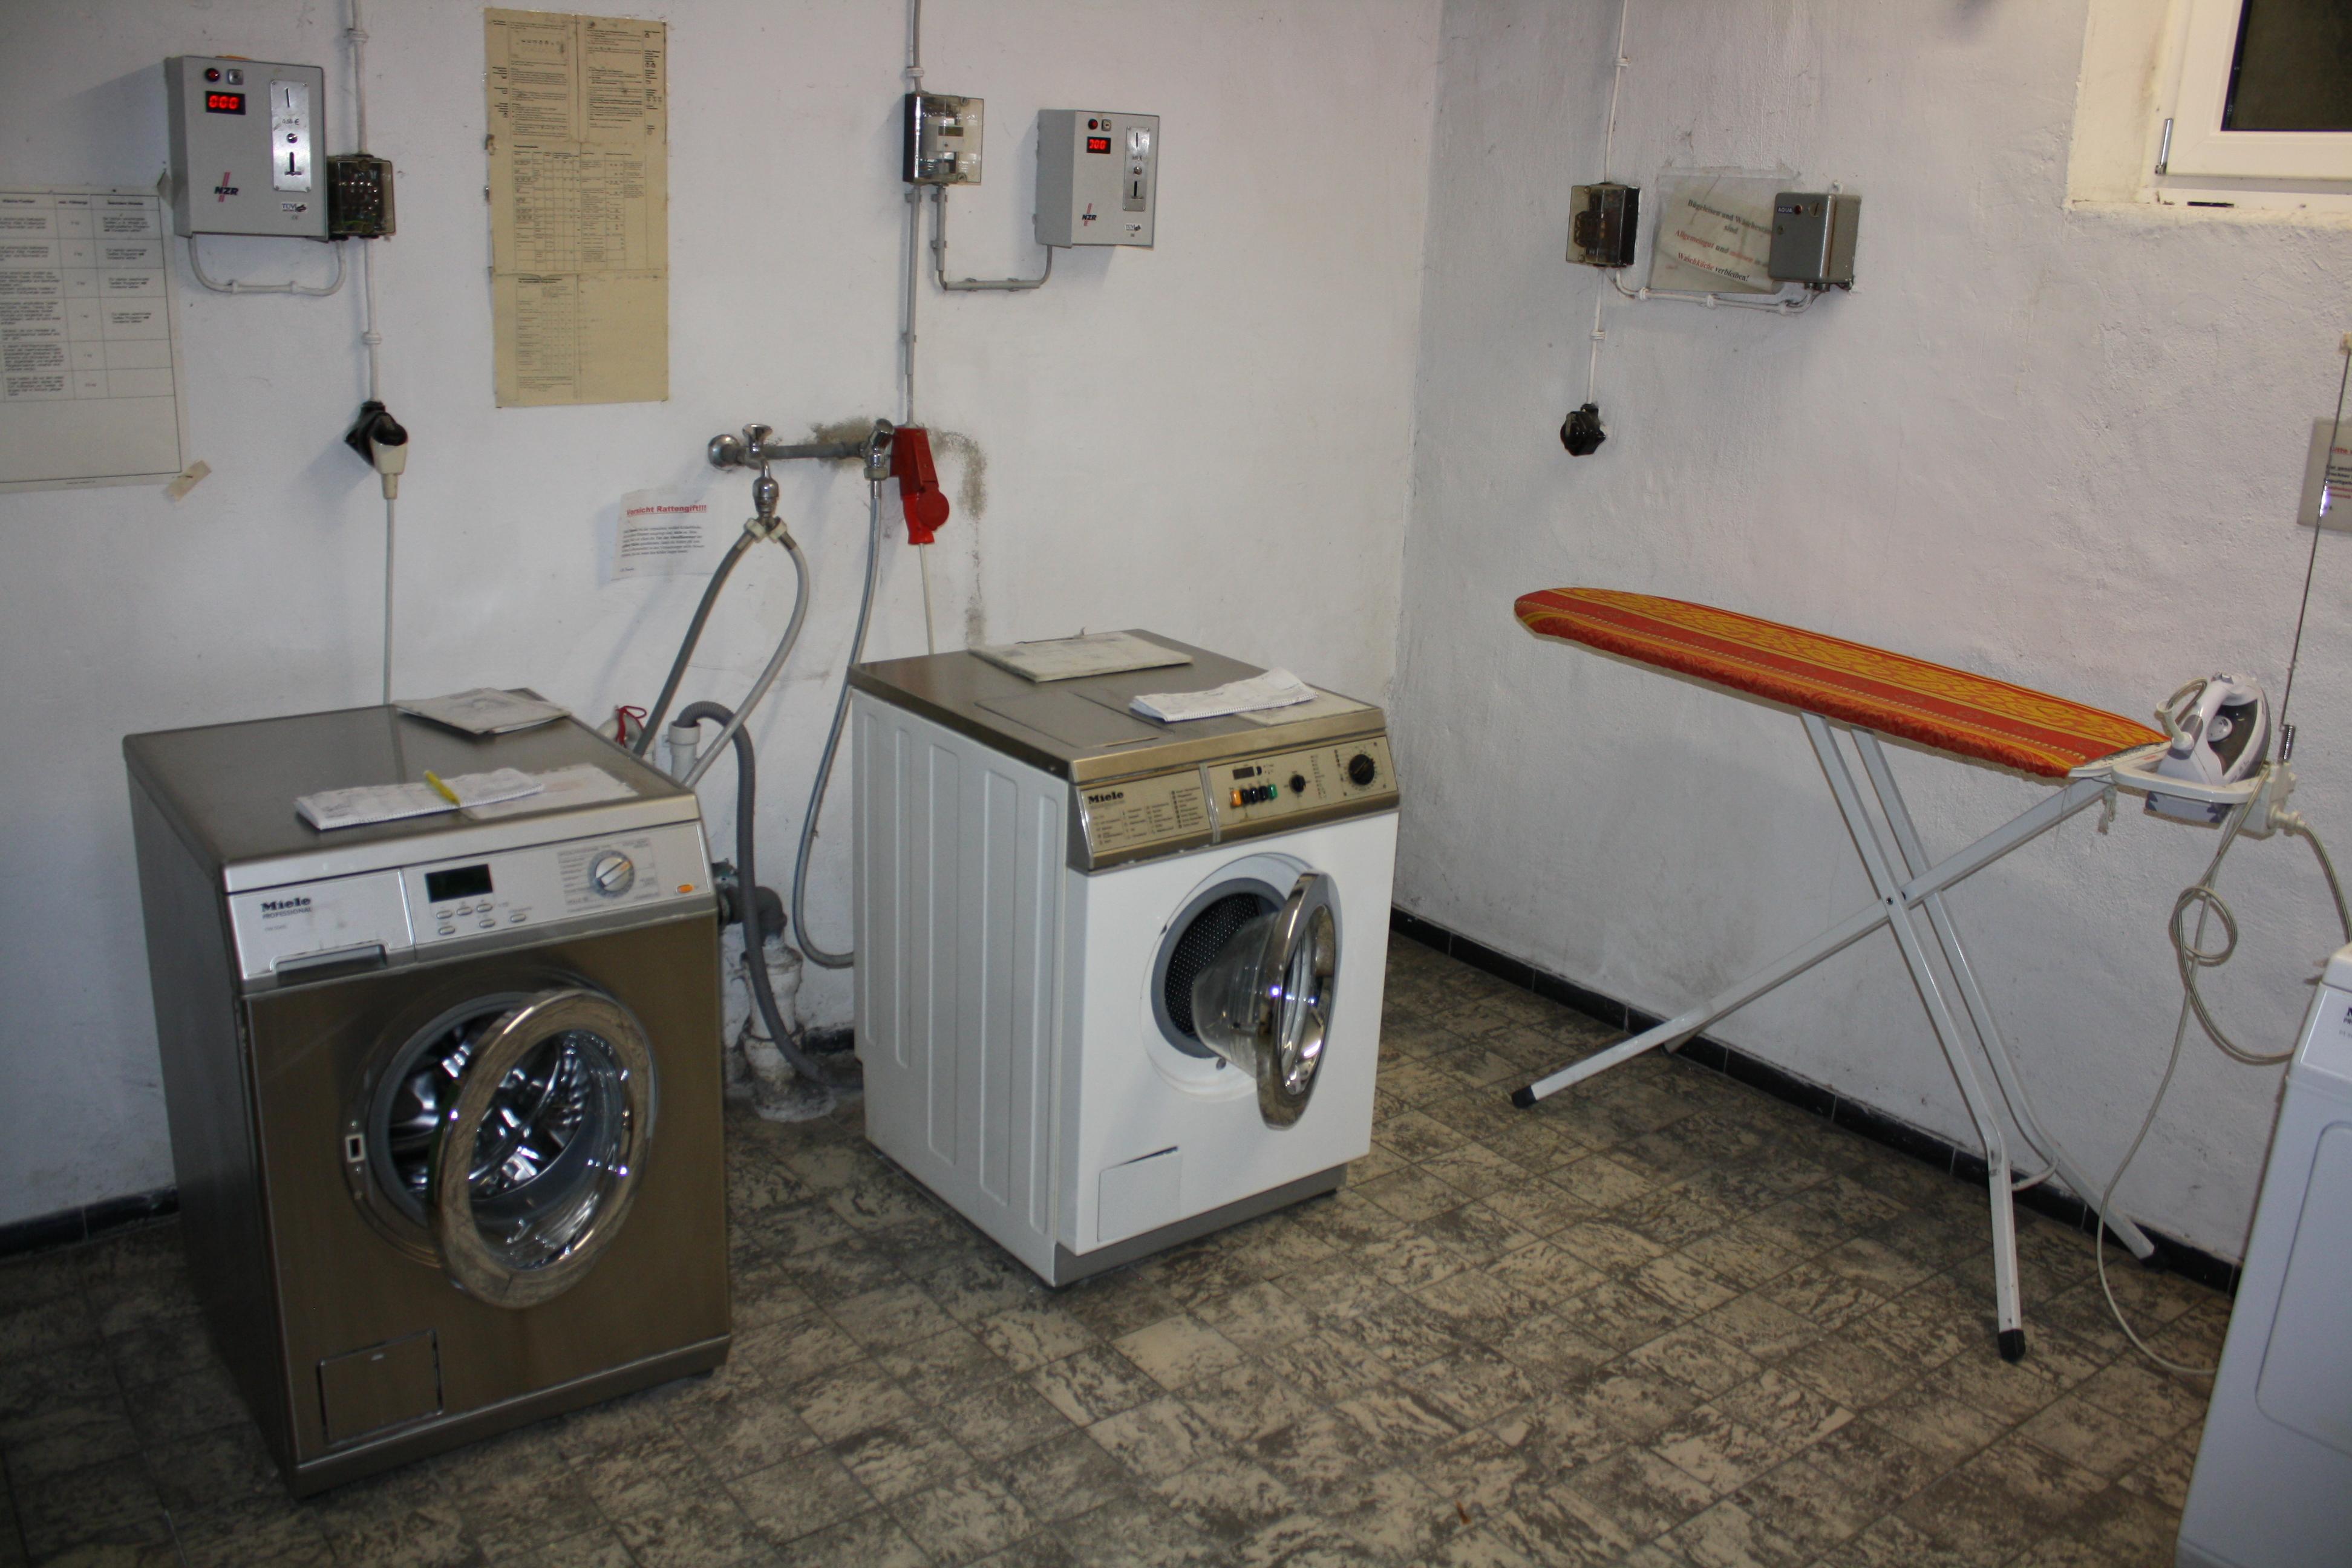 waschkeller karl heim haus. Black Bedroom Furniture Sets. Home Design Ideas